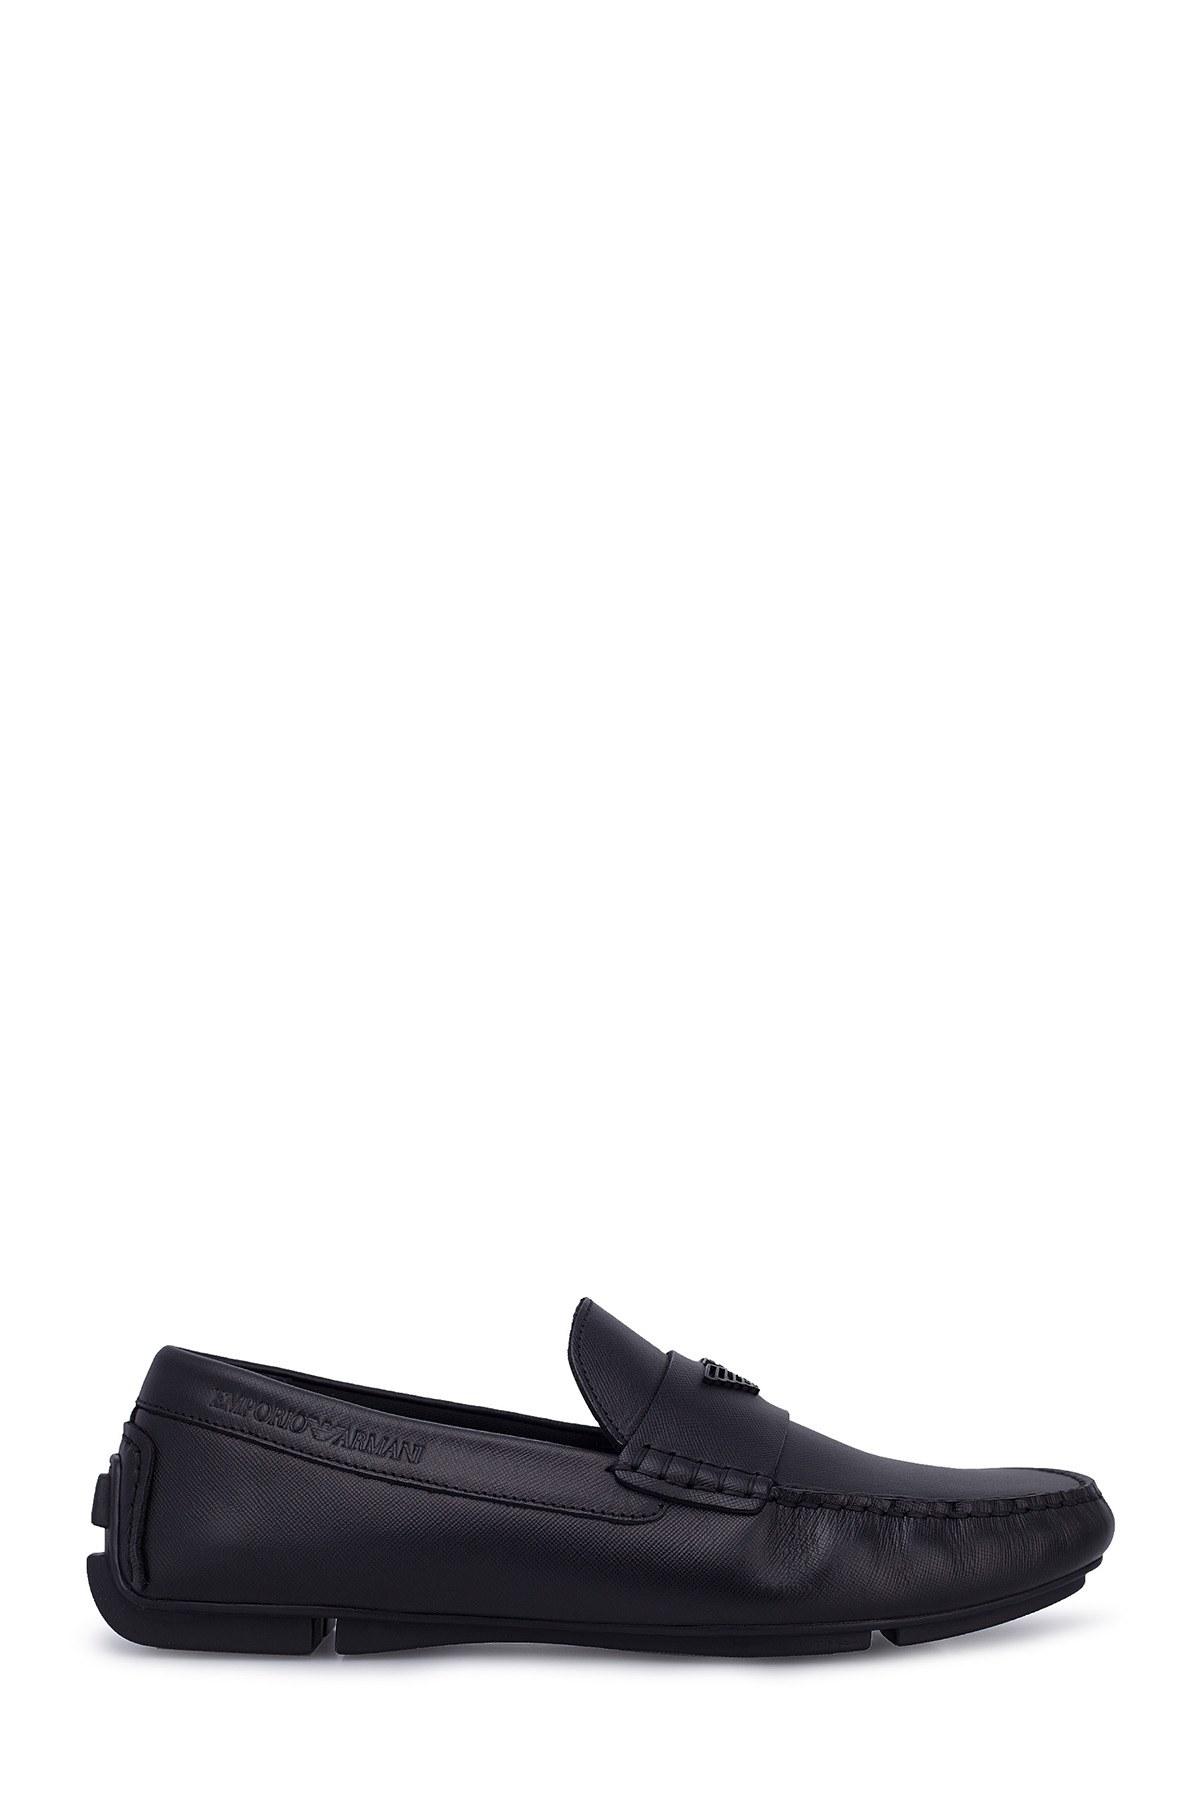 Emporio Armani Erkek Ayakkabı X4B124 XF330 00002 SİYAH